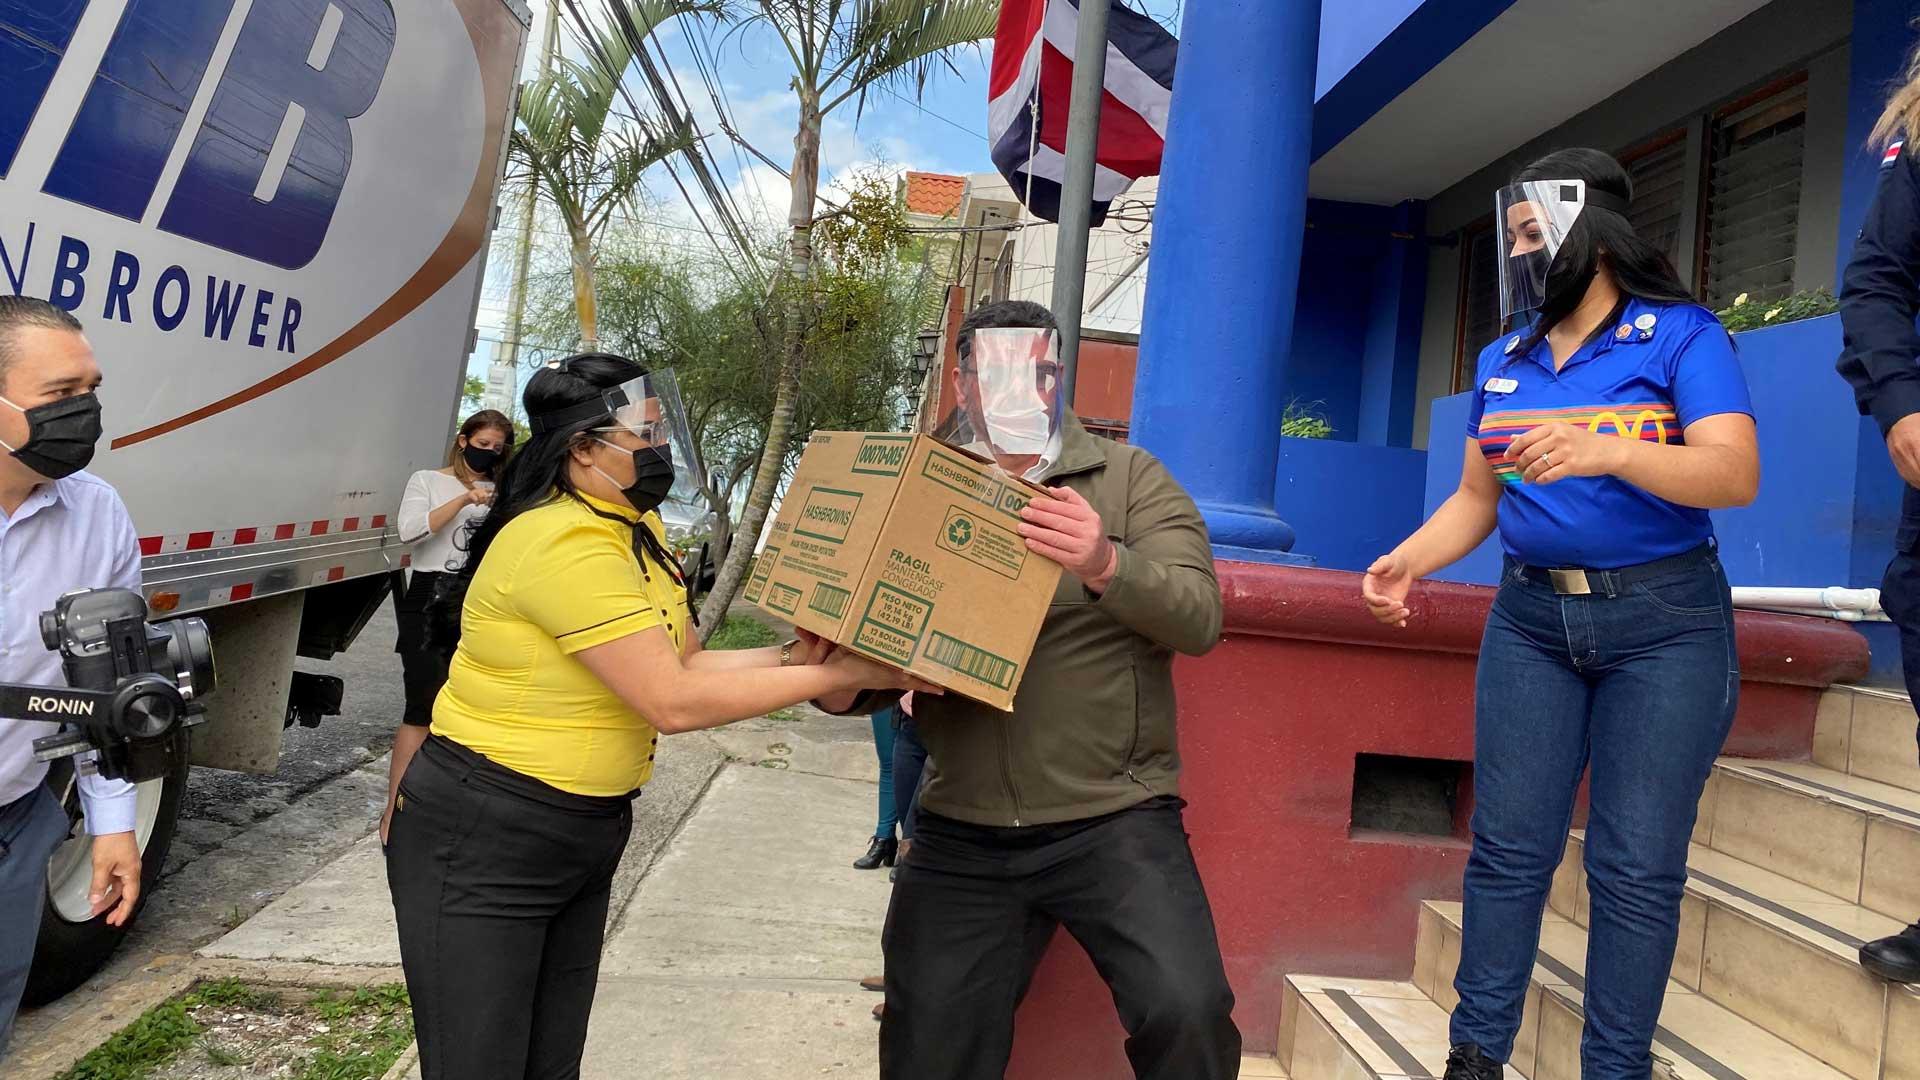 [Costa Rica] McDonald's dona ₡20 millones en alimentos para oficiales de Fuerza Pública gracias a convenio con la CNE